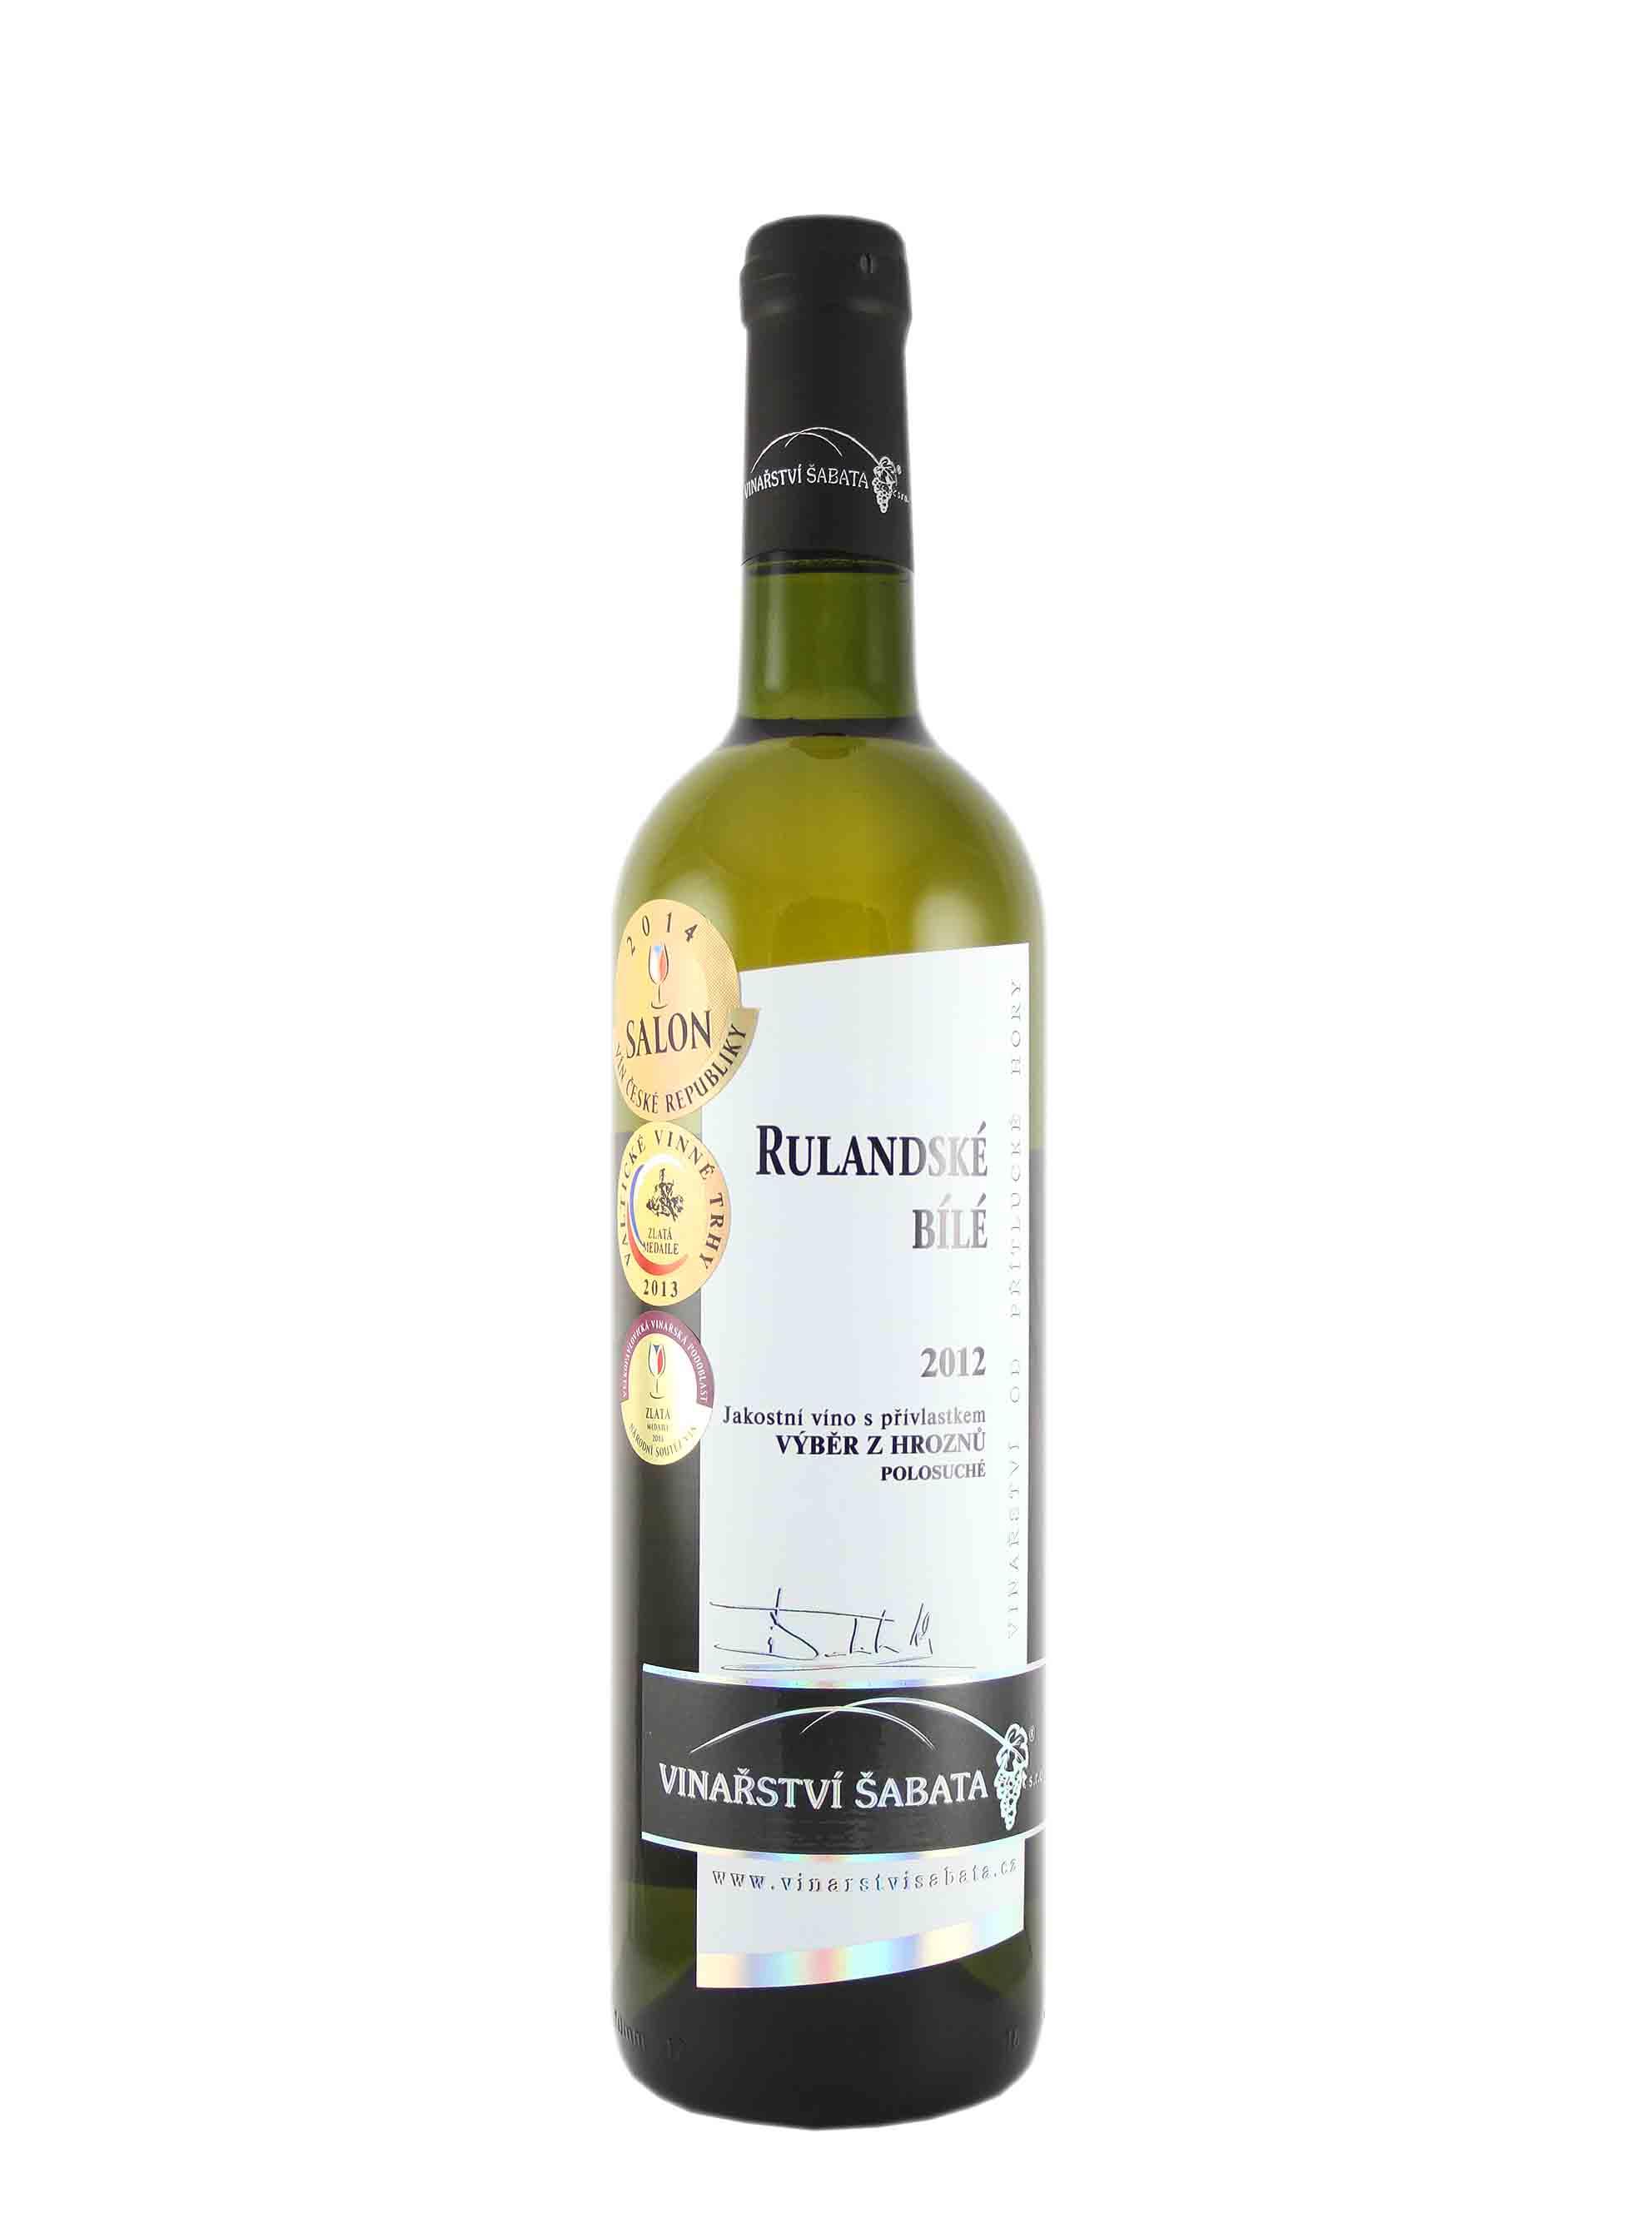 Rulandské bílé, Výběr z hroznů, 2012, Vinařství Šabata, 0.75 l